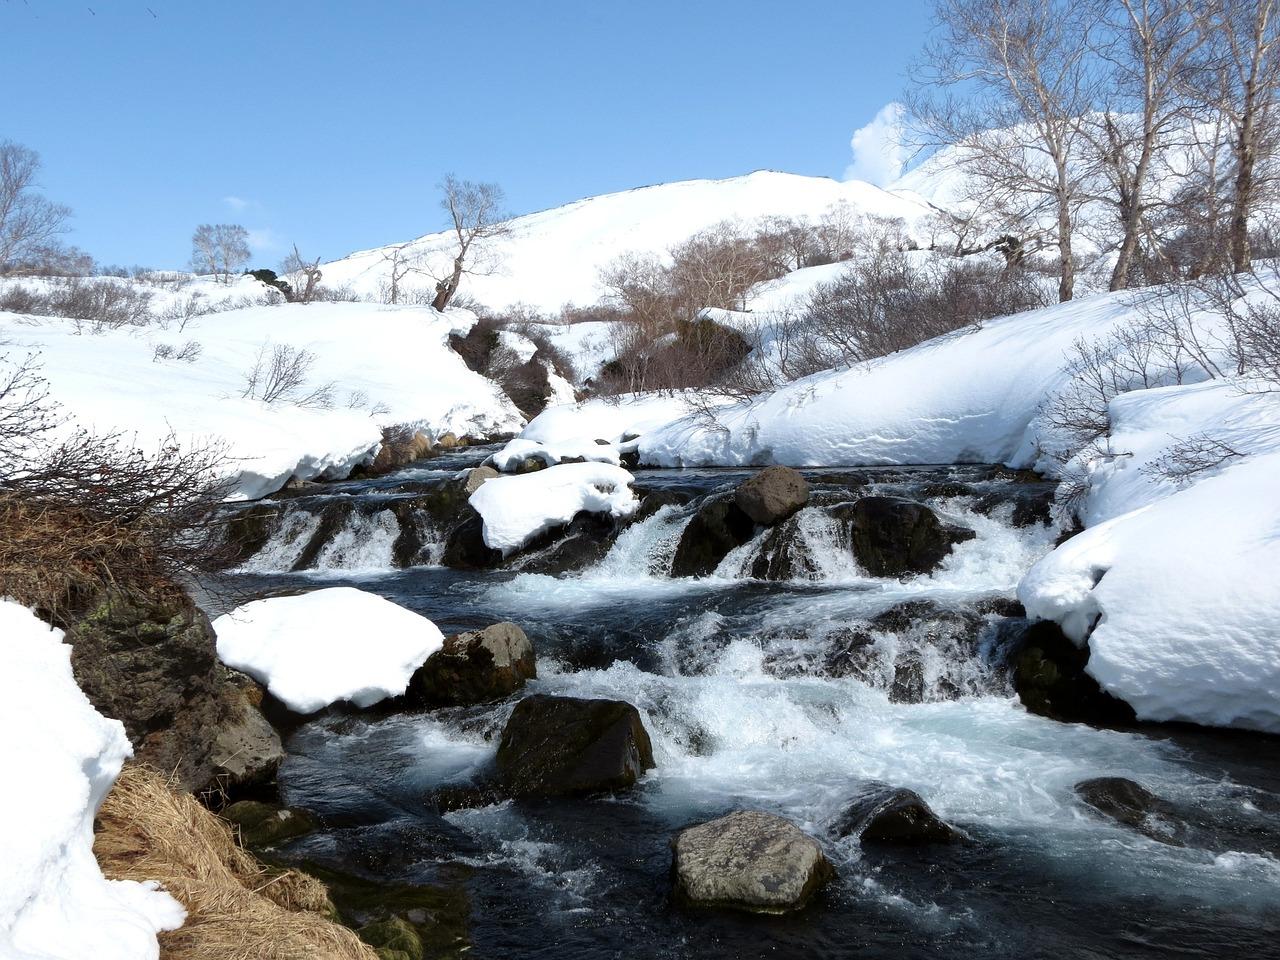 позитивные поздравления водопад кобелякские пороги фото меткие